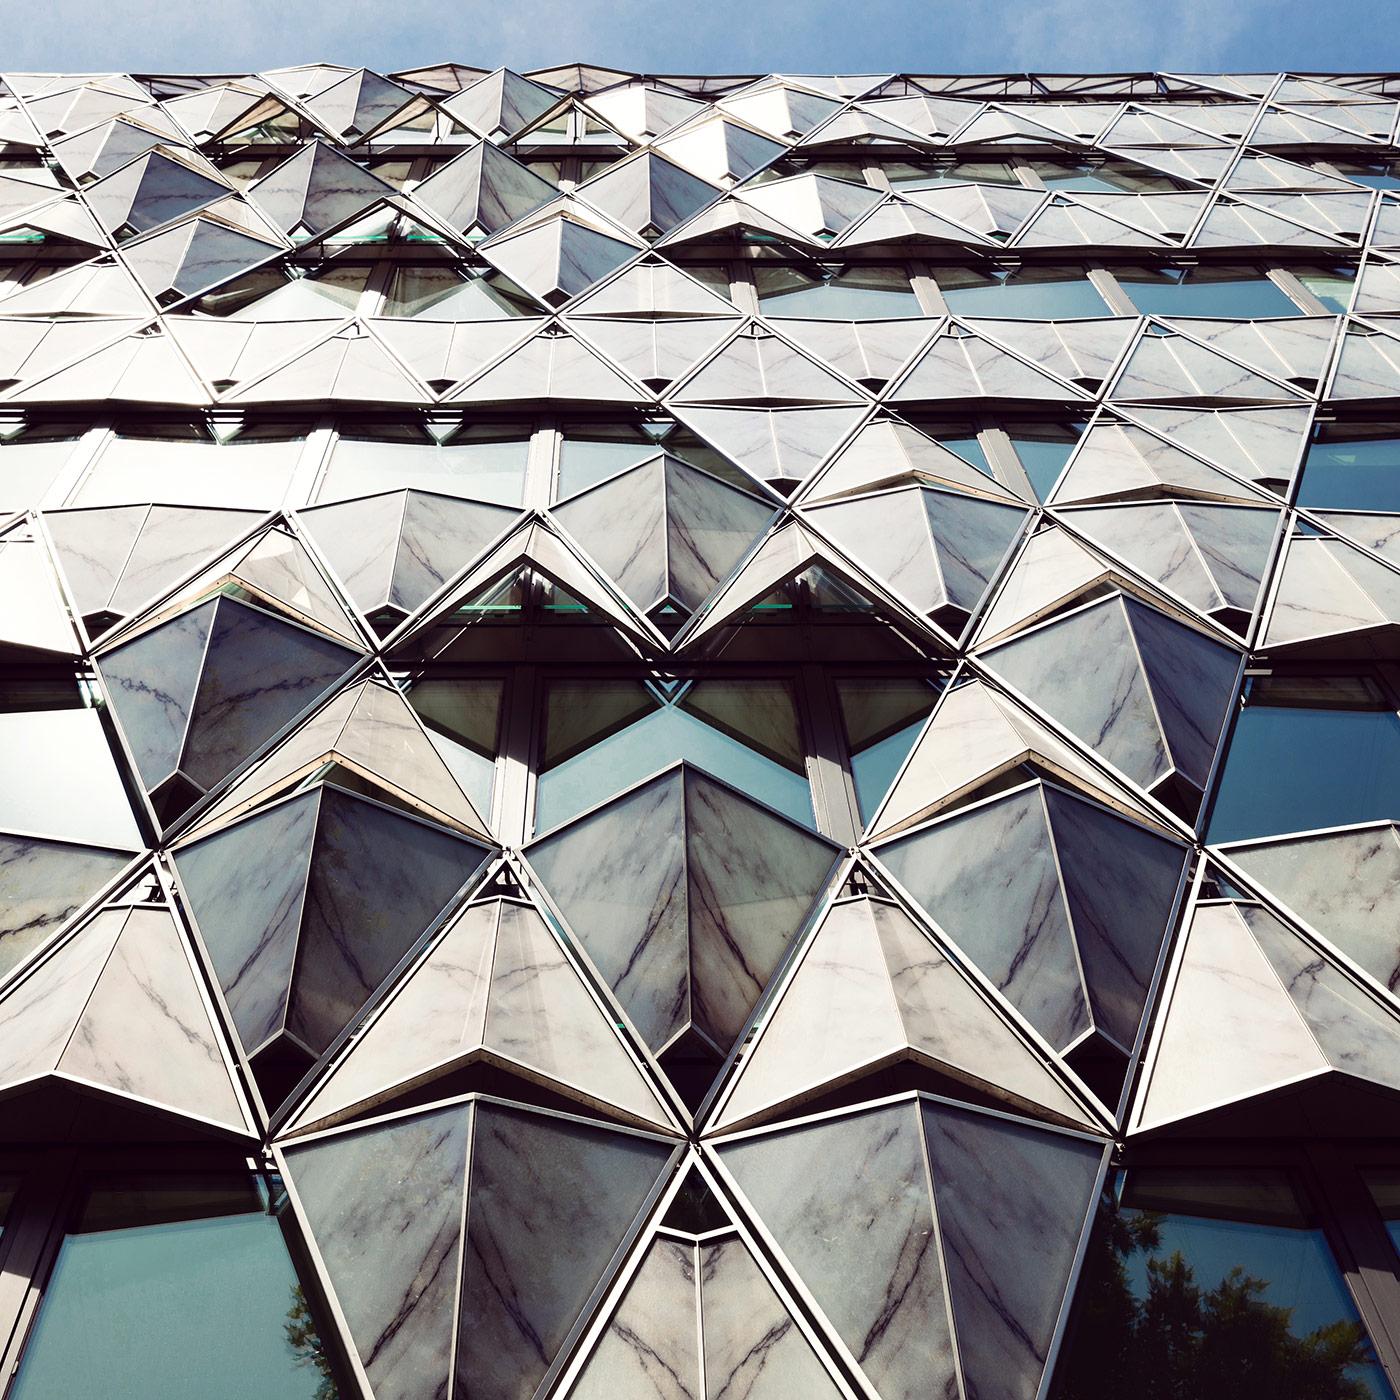 Origami Building <br />Location: Paris, France <br />Architect: Manuelle Gautrand Architecture